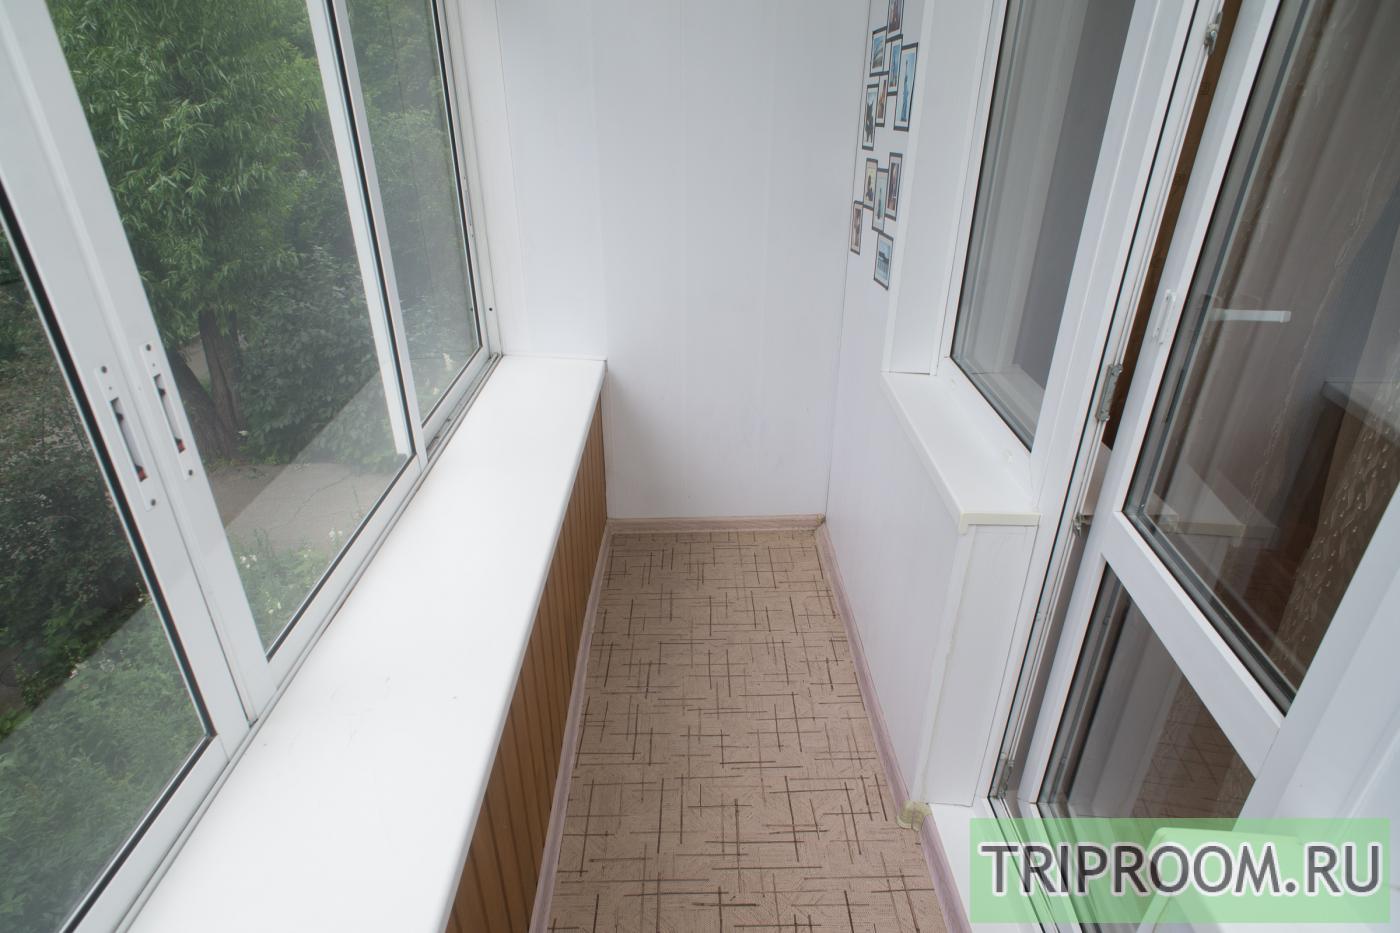 1-комнатная квартира посуточно (вариант № 8350), ул. Южная улица, фото № 10